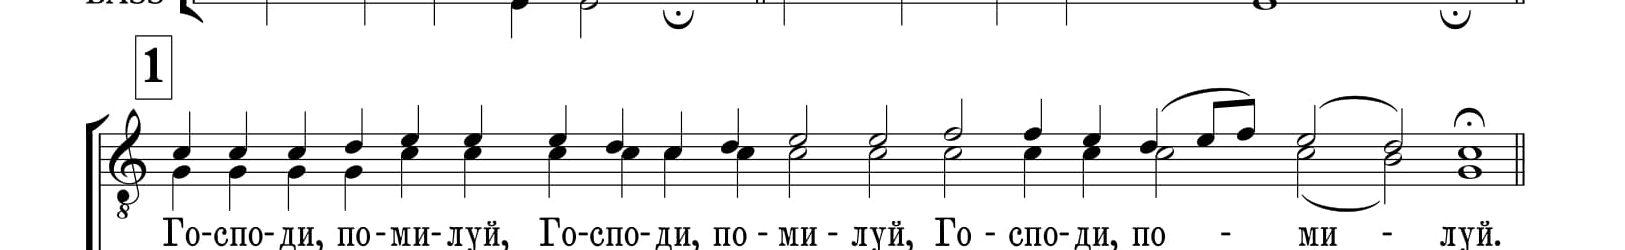 Сугубая ектения (Киевская)